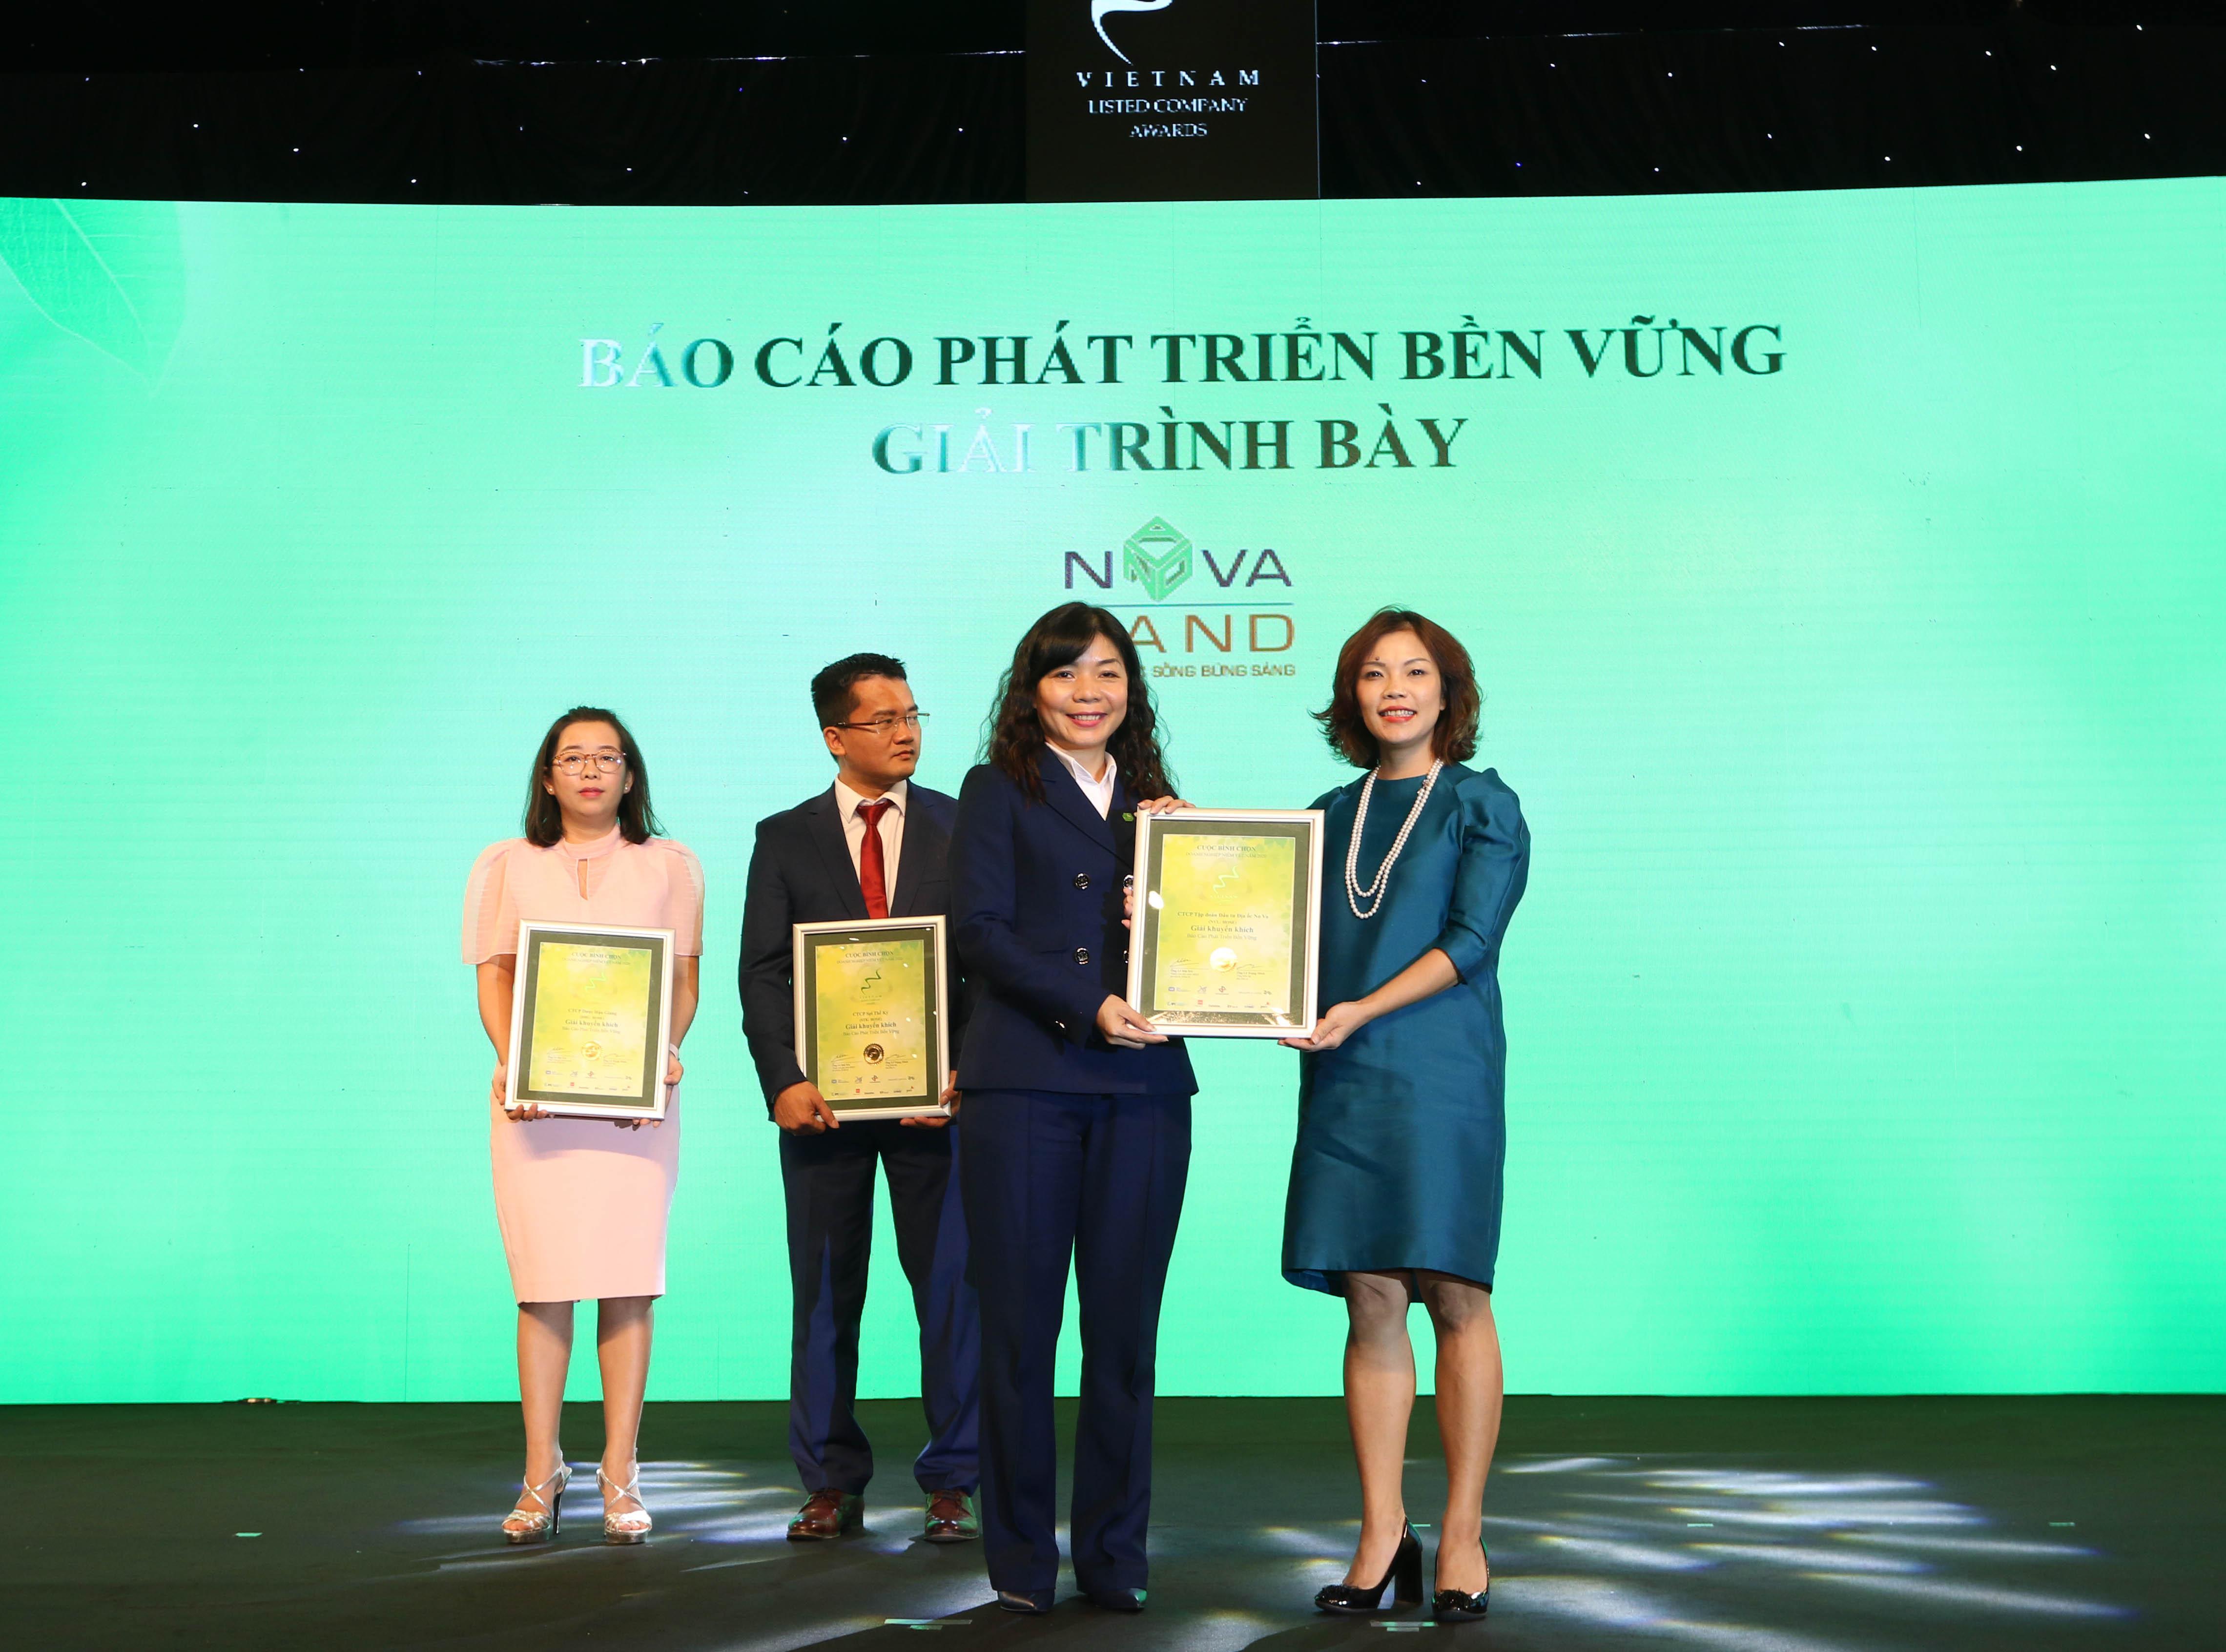 https://www.aravietnam.vn/wp-content/uploads/2020/12/59_Dai-diện-Novaland-nhận-giải-khuyến-khích-Phát-triển-bền-vững.jpg